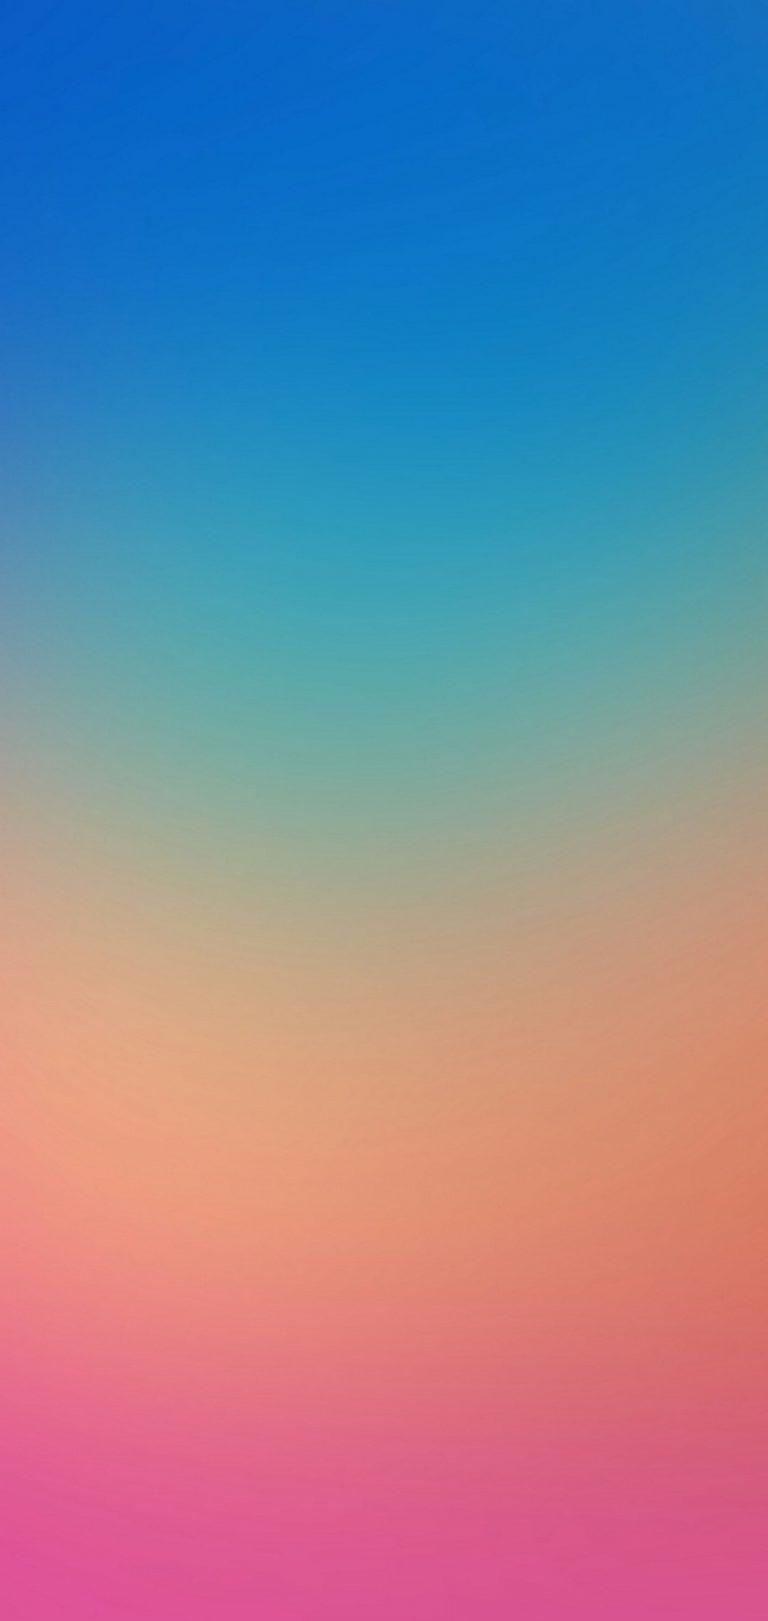 1080x2280 Wallpaper 114 768x1621